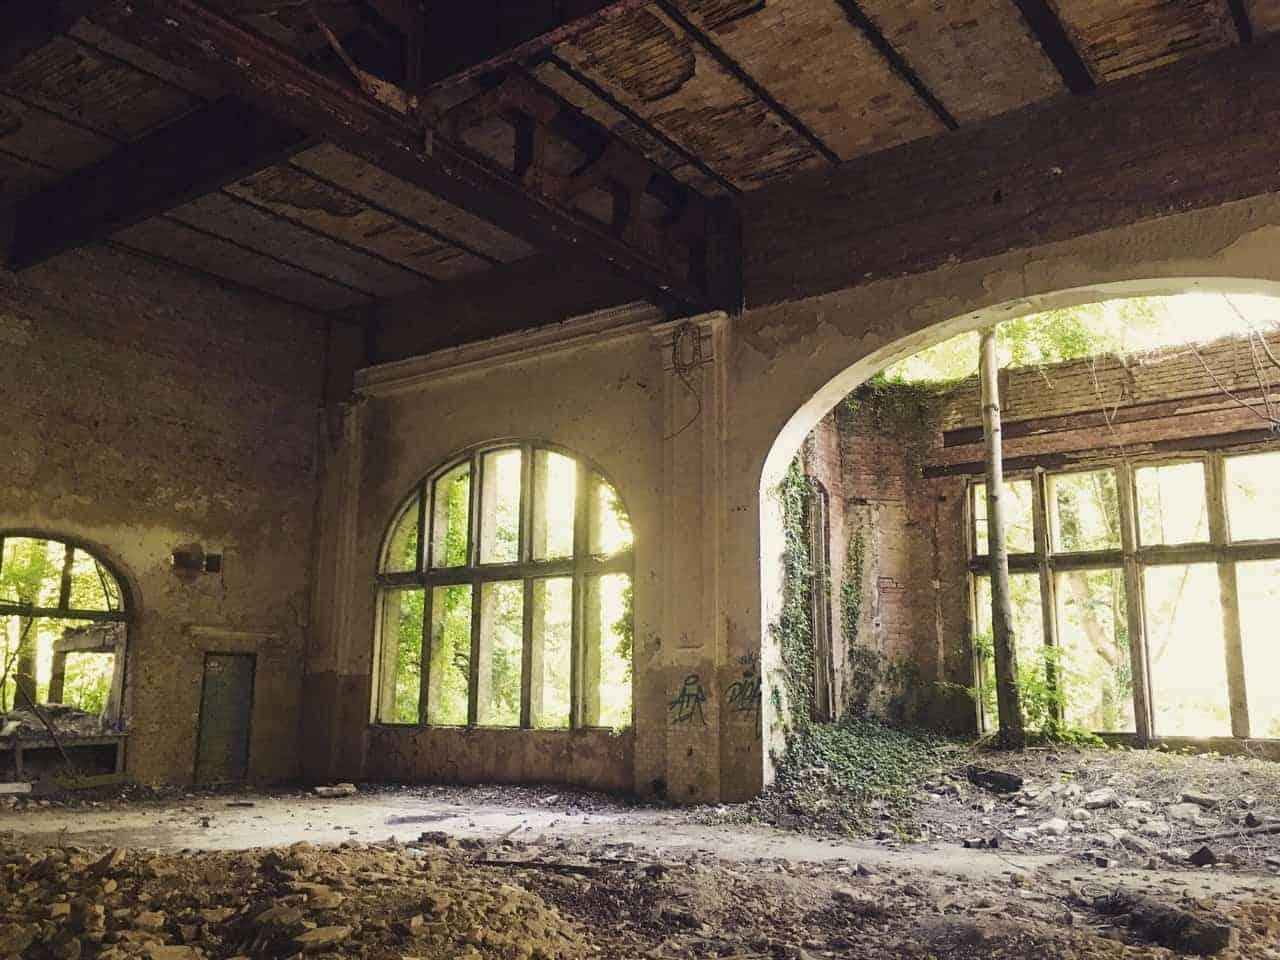 Beelitz Sanatorium europe bucket list